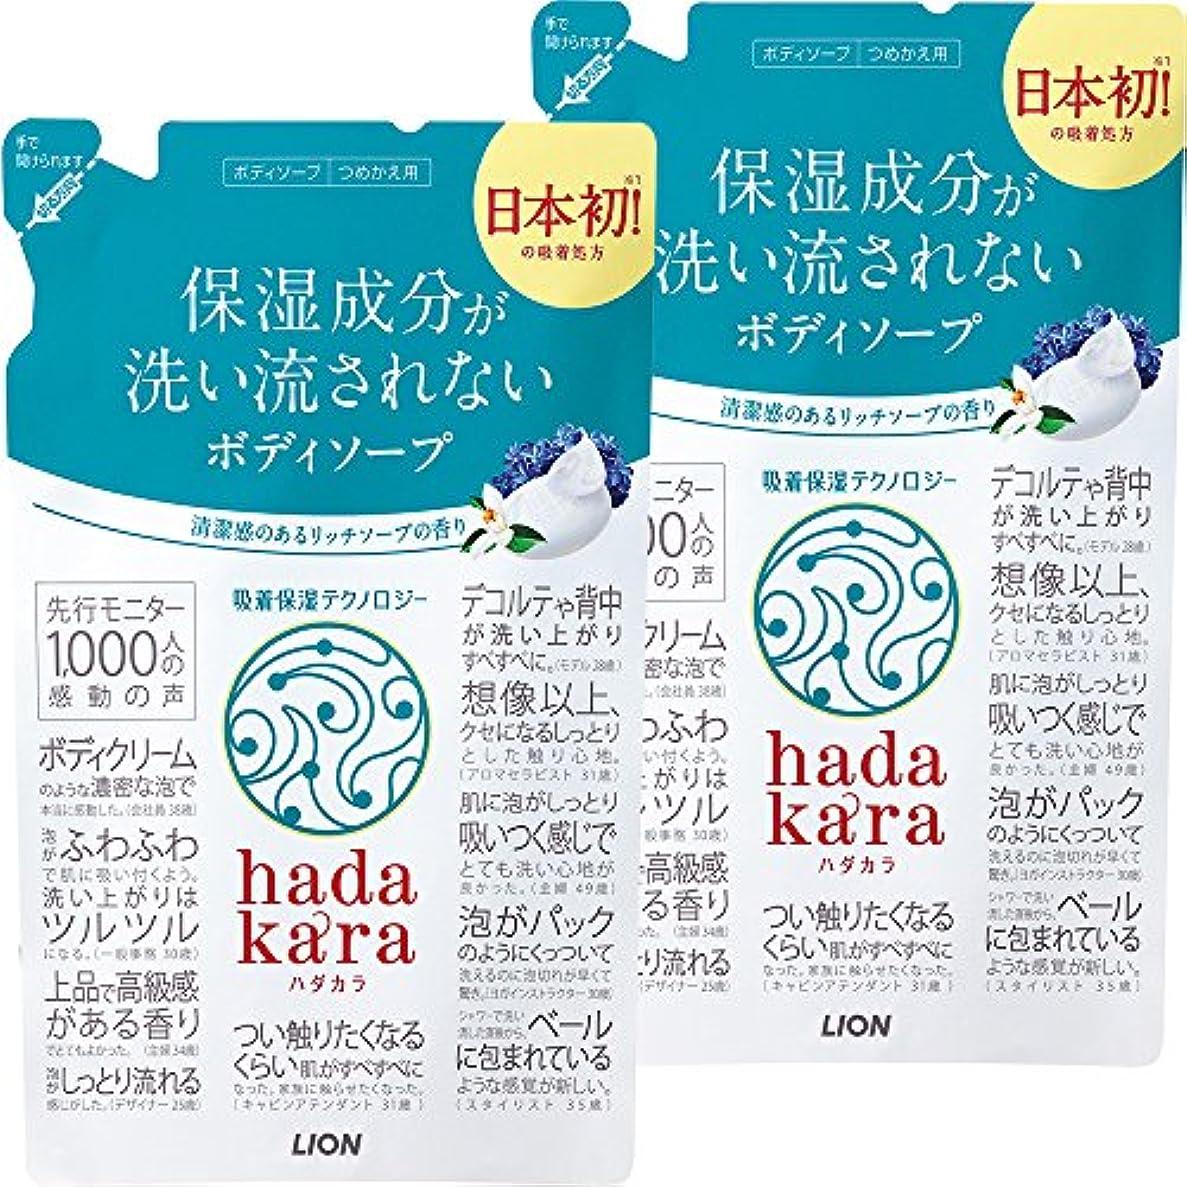 ガラス西部密接に【まとめ買い】hadakara(ハダカラ) ボディソープ リッチソープの香り 詰め替え 360ml×2個パック